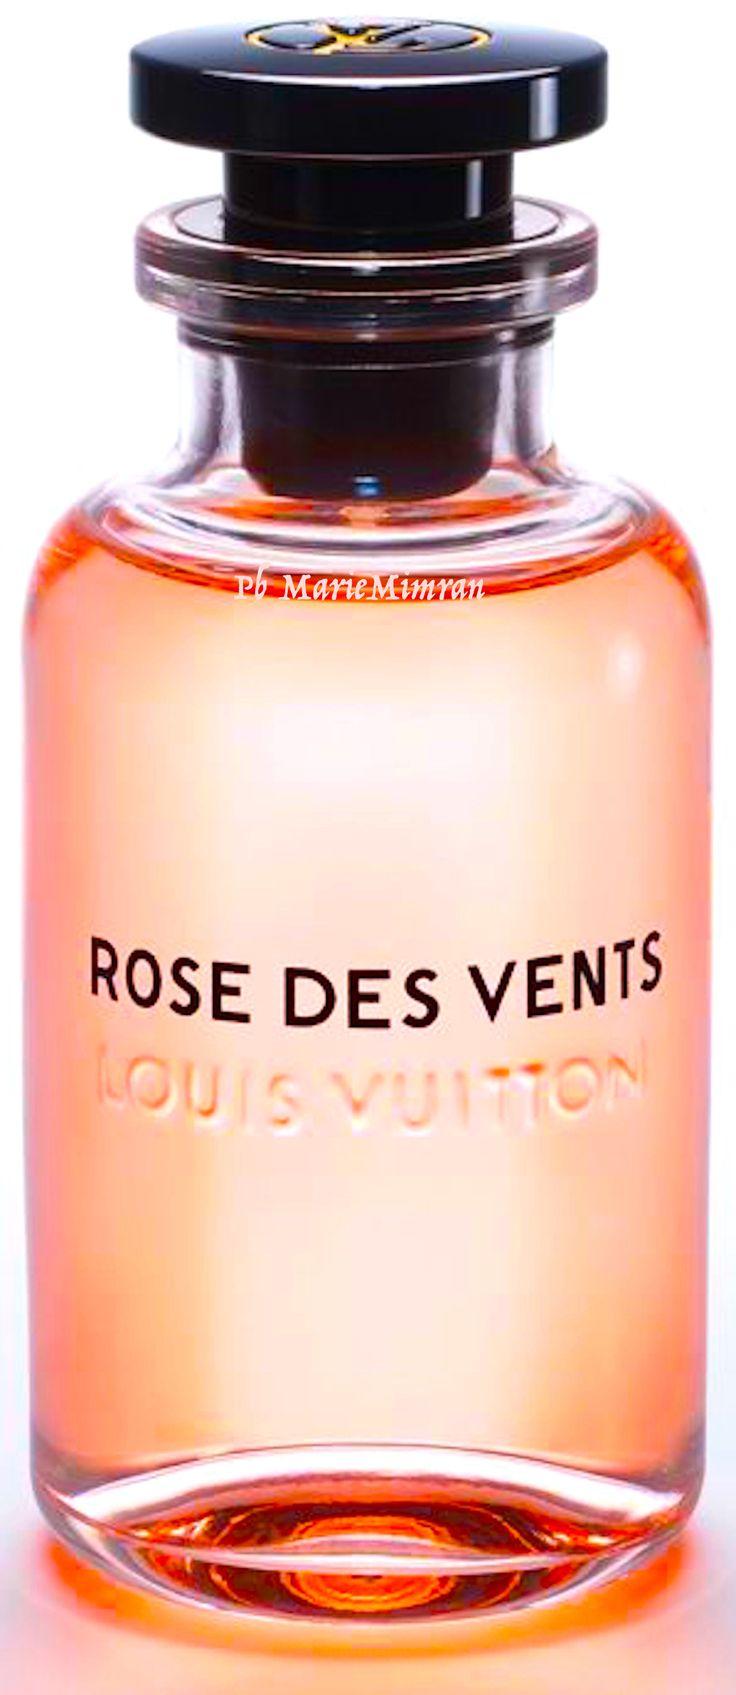 Louis Vuitton Rose Des Vents Marie Mimran Scentsational